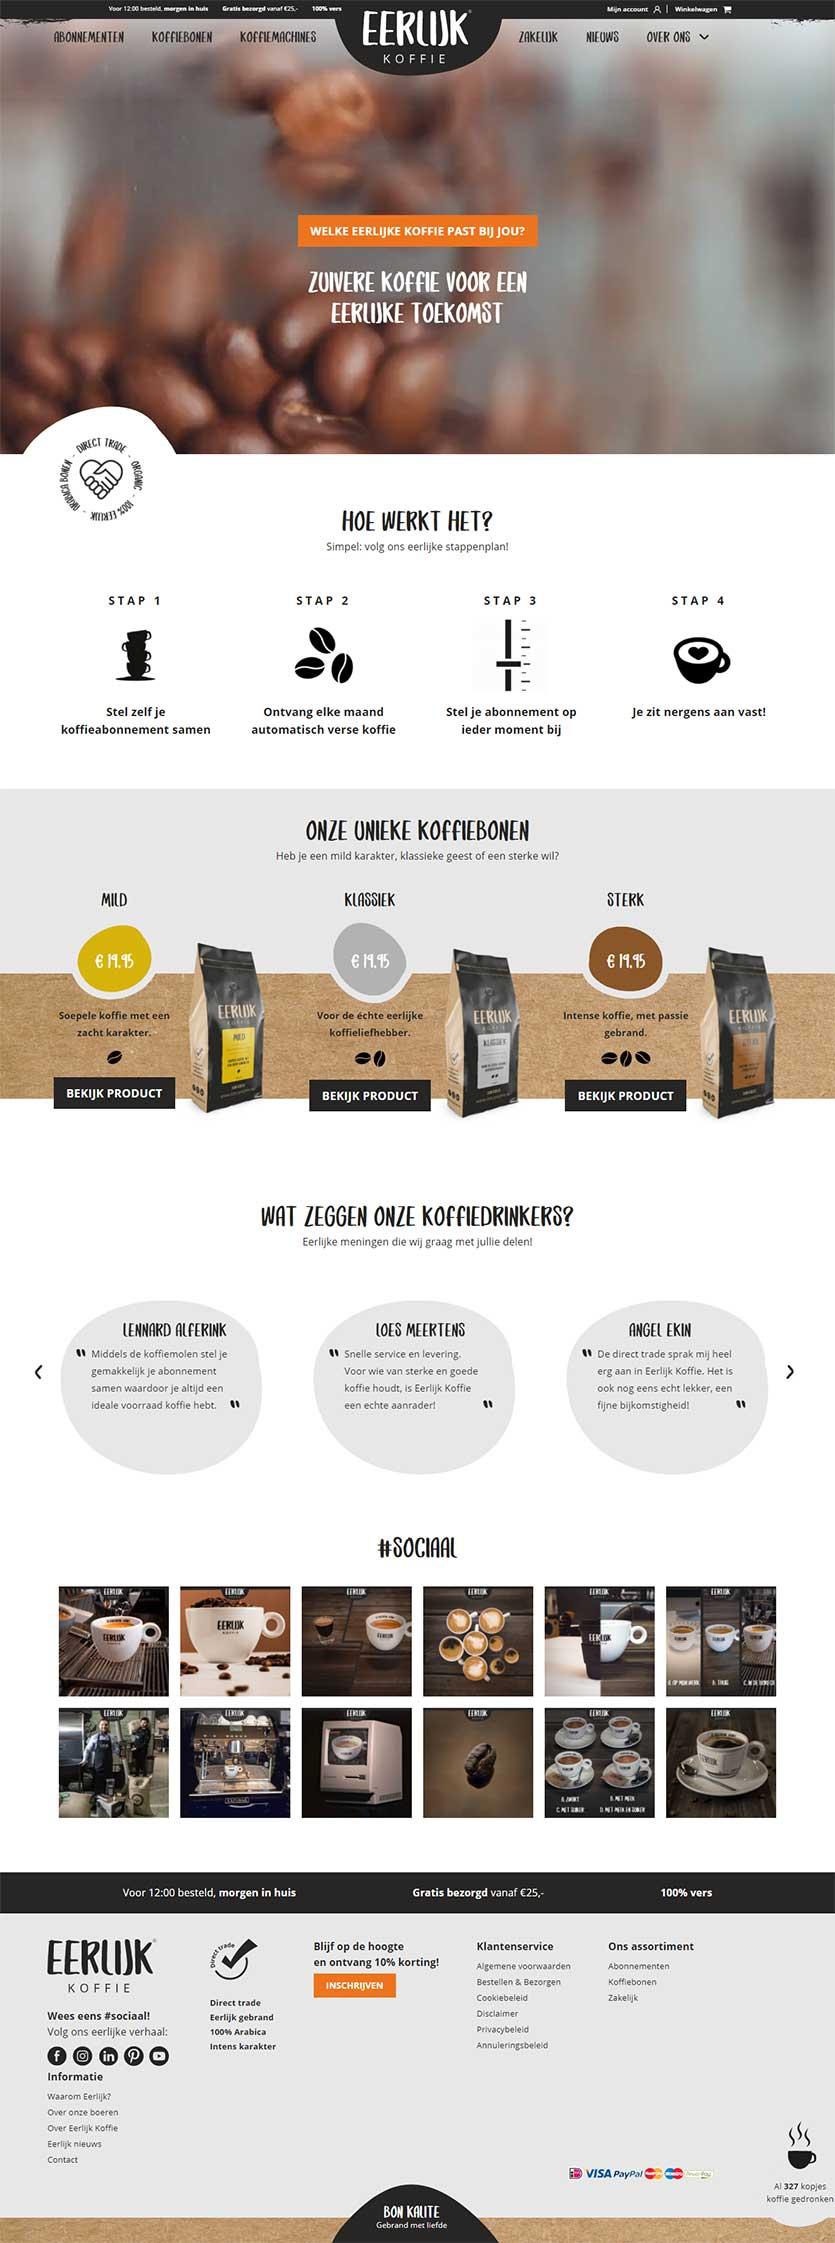 Eerlijk Koffie website voorbeeld op laptops